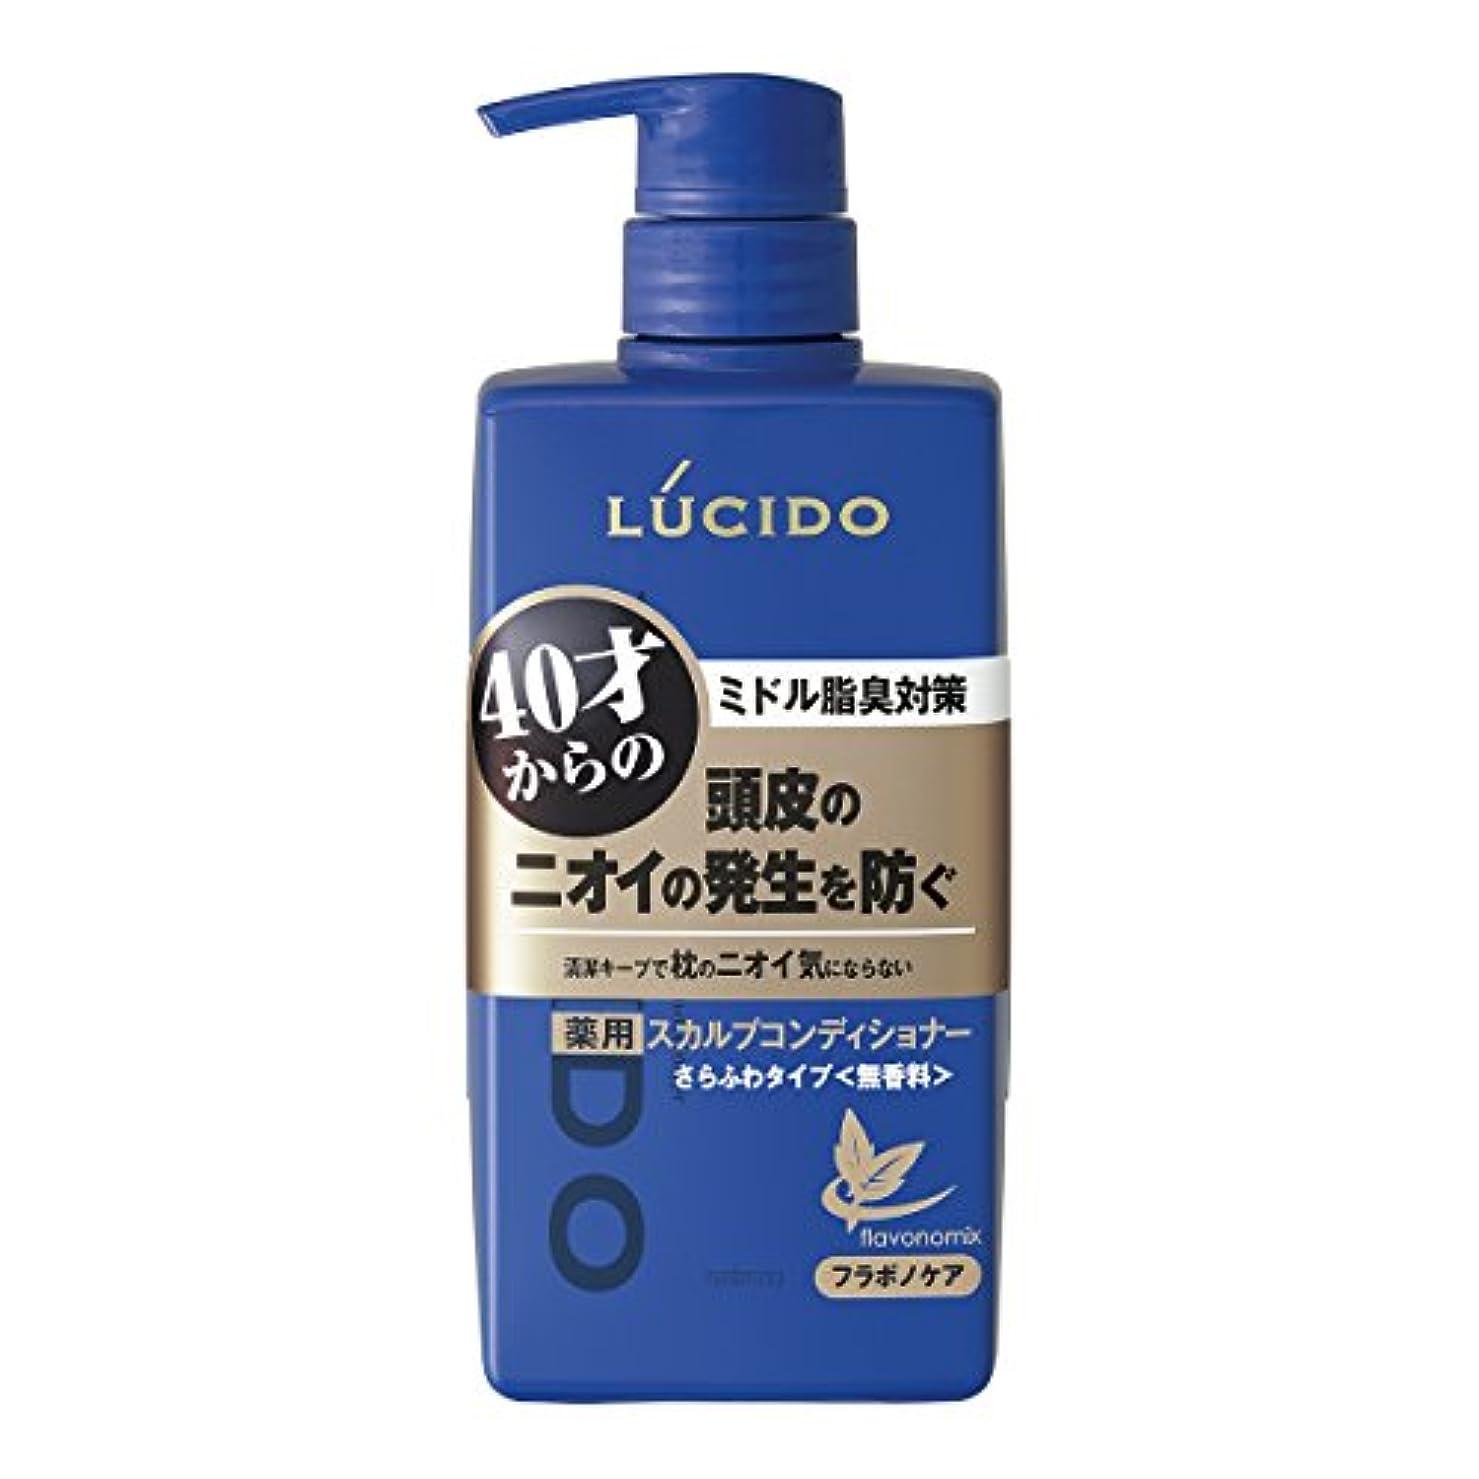 無意識キッチンウガンダルシード 薬用ヘア&スカルプコンディショナー 450g(医薬部外品)